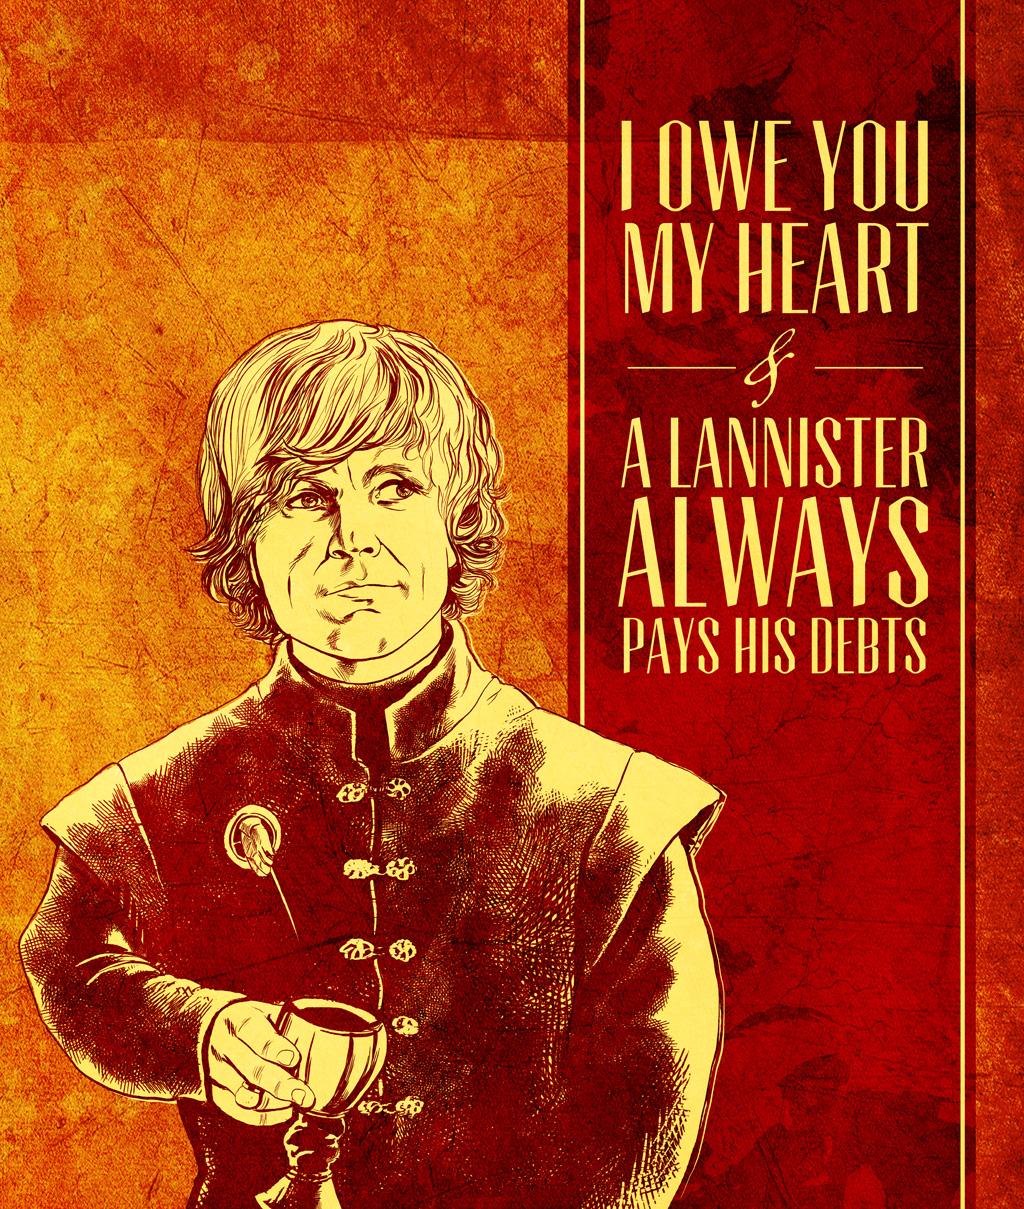 Elegant ... Game Of Thrones Valentine   Tyrion Lannister By Arosenlund